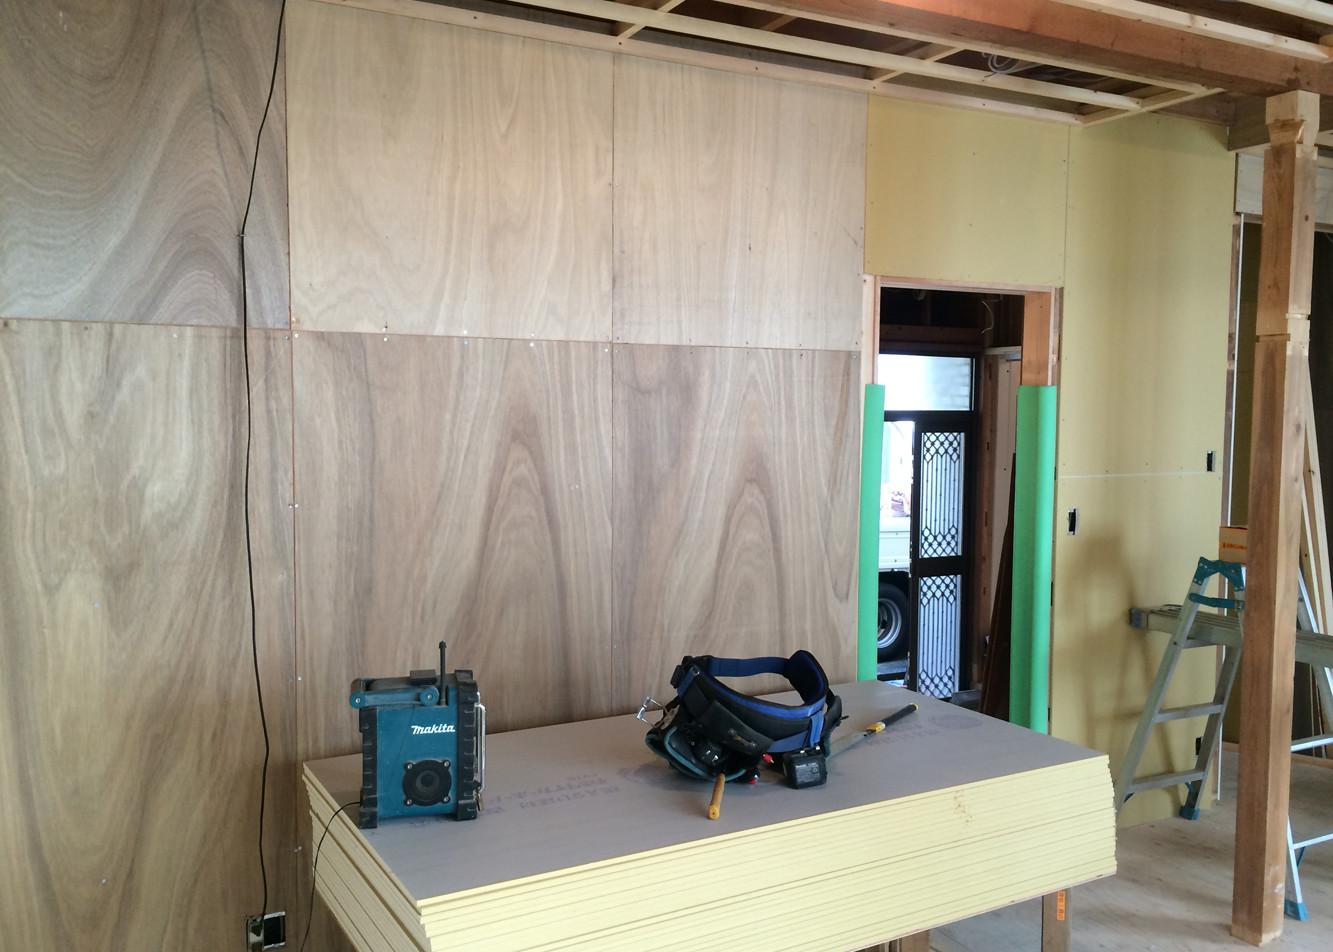 リビング壁面の下地 壁掛けTV用の下地を入れます